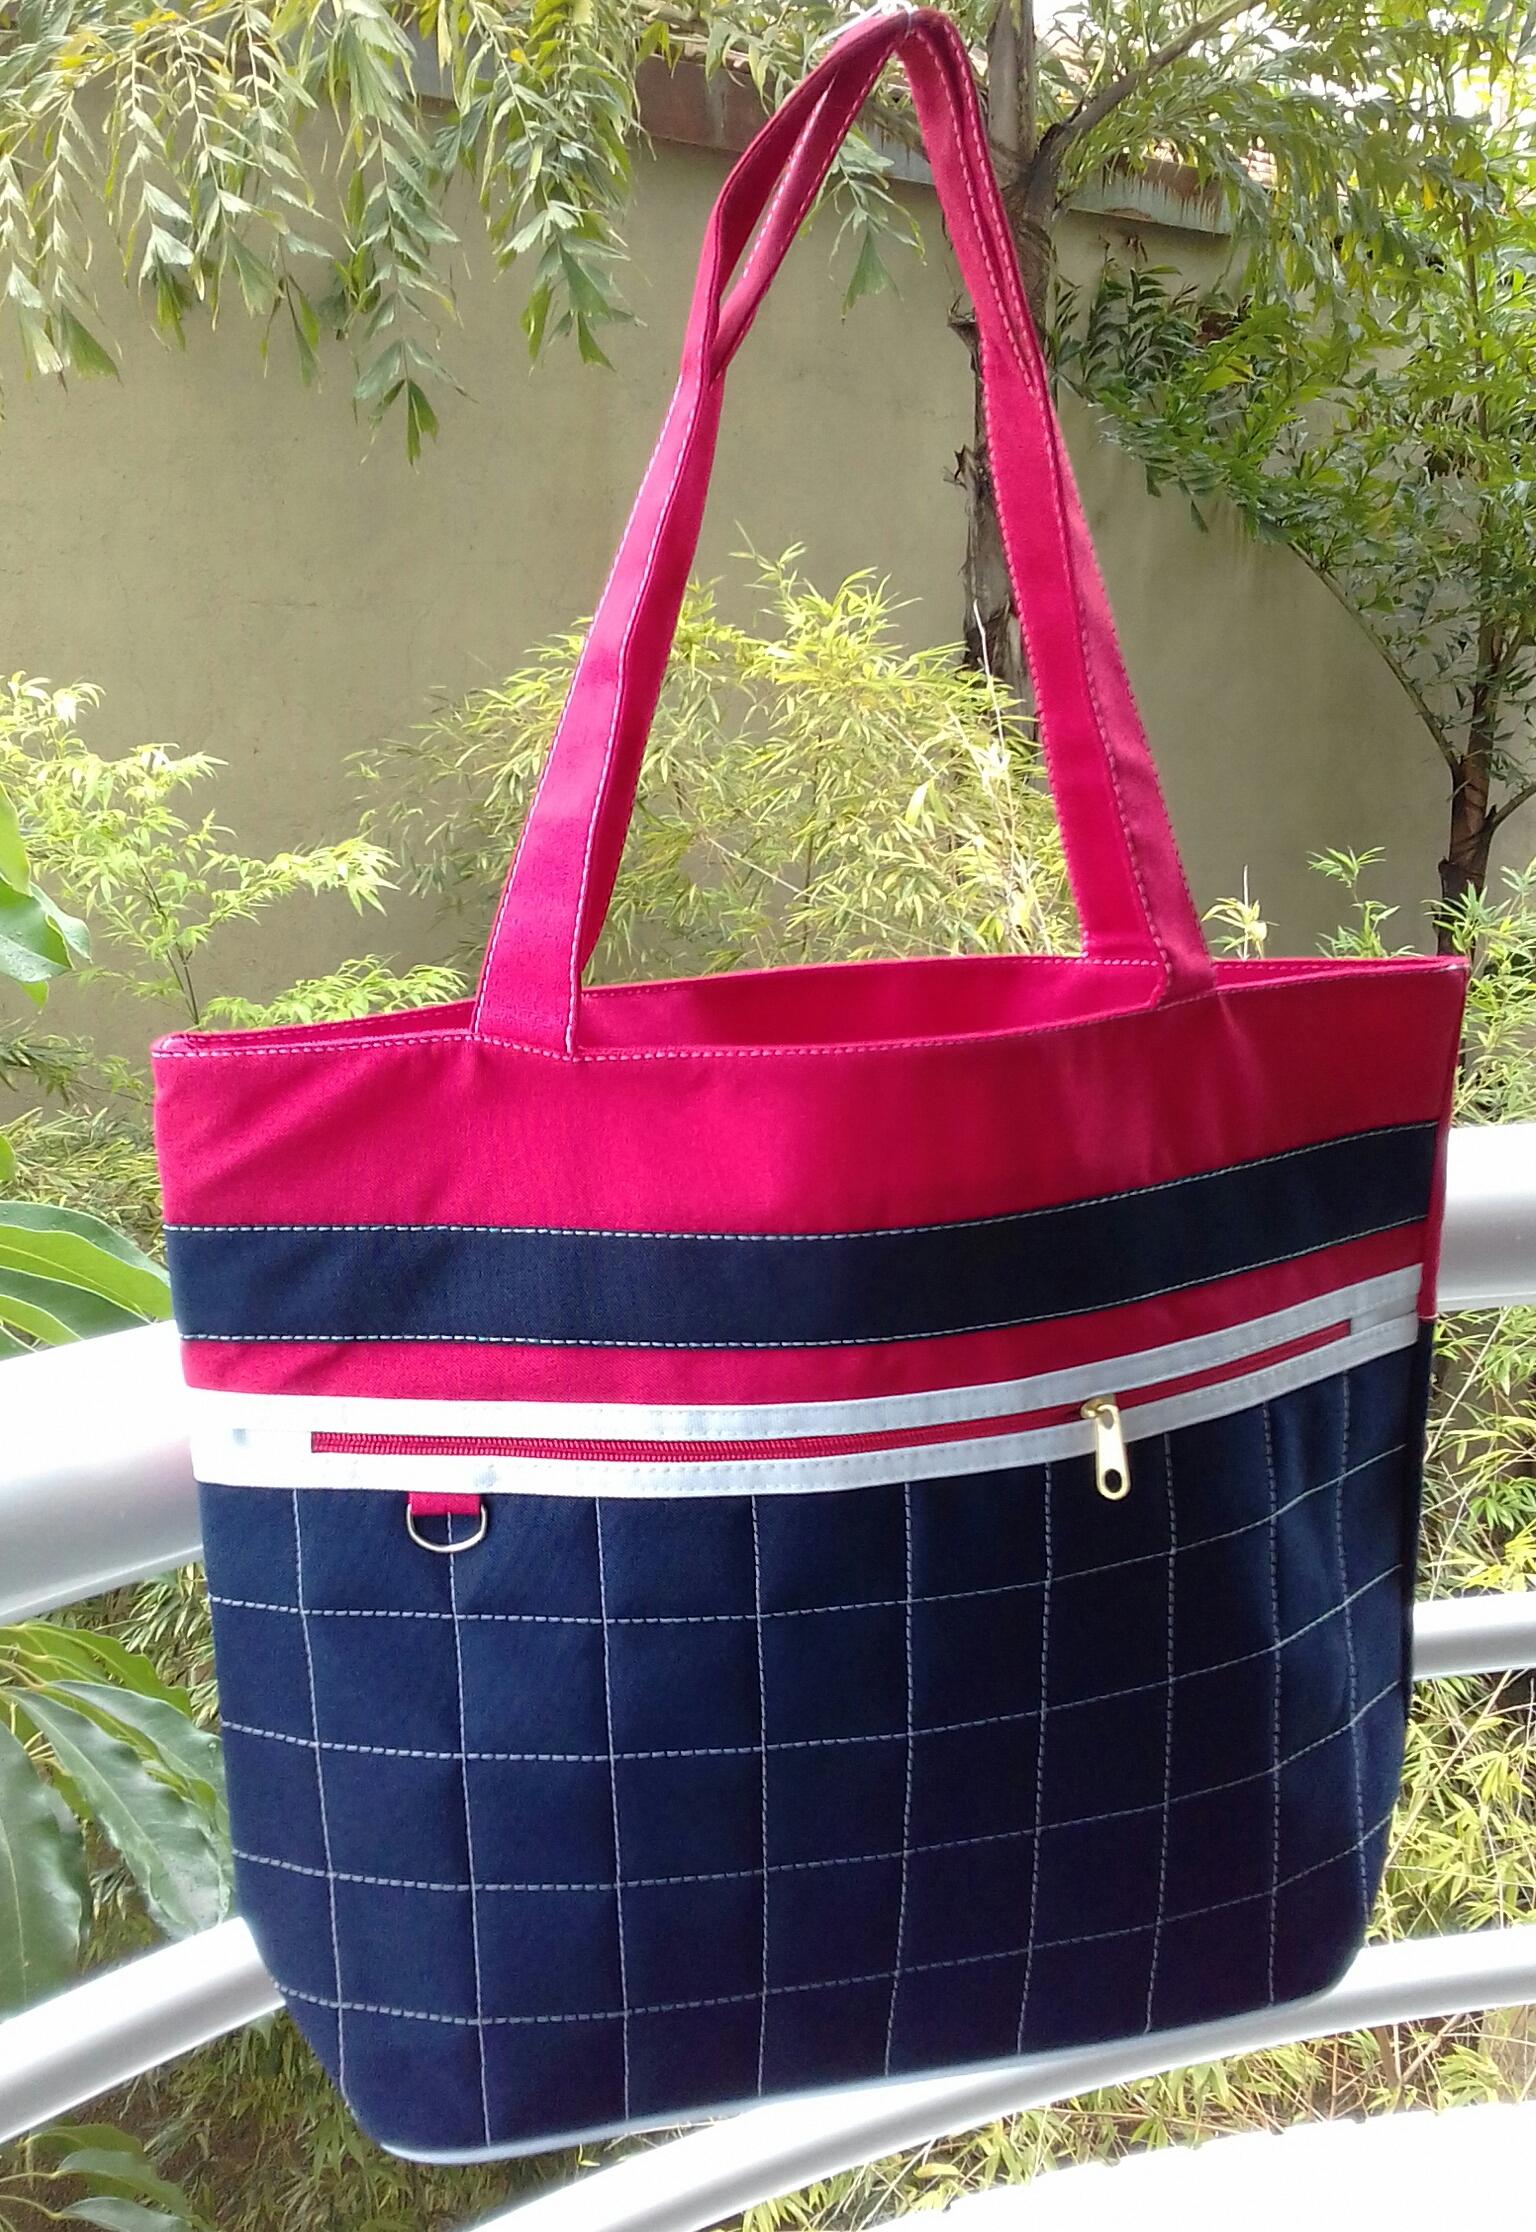 426a32c35c Bolsa feminina artesanal em tecido no Elo7